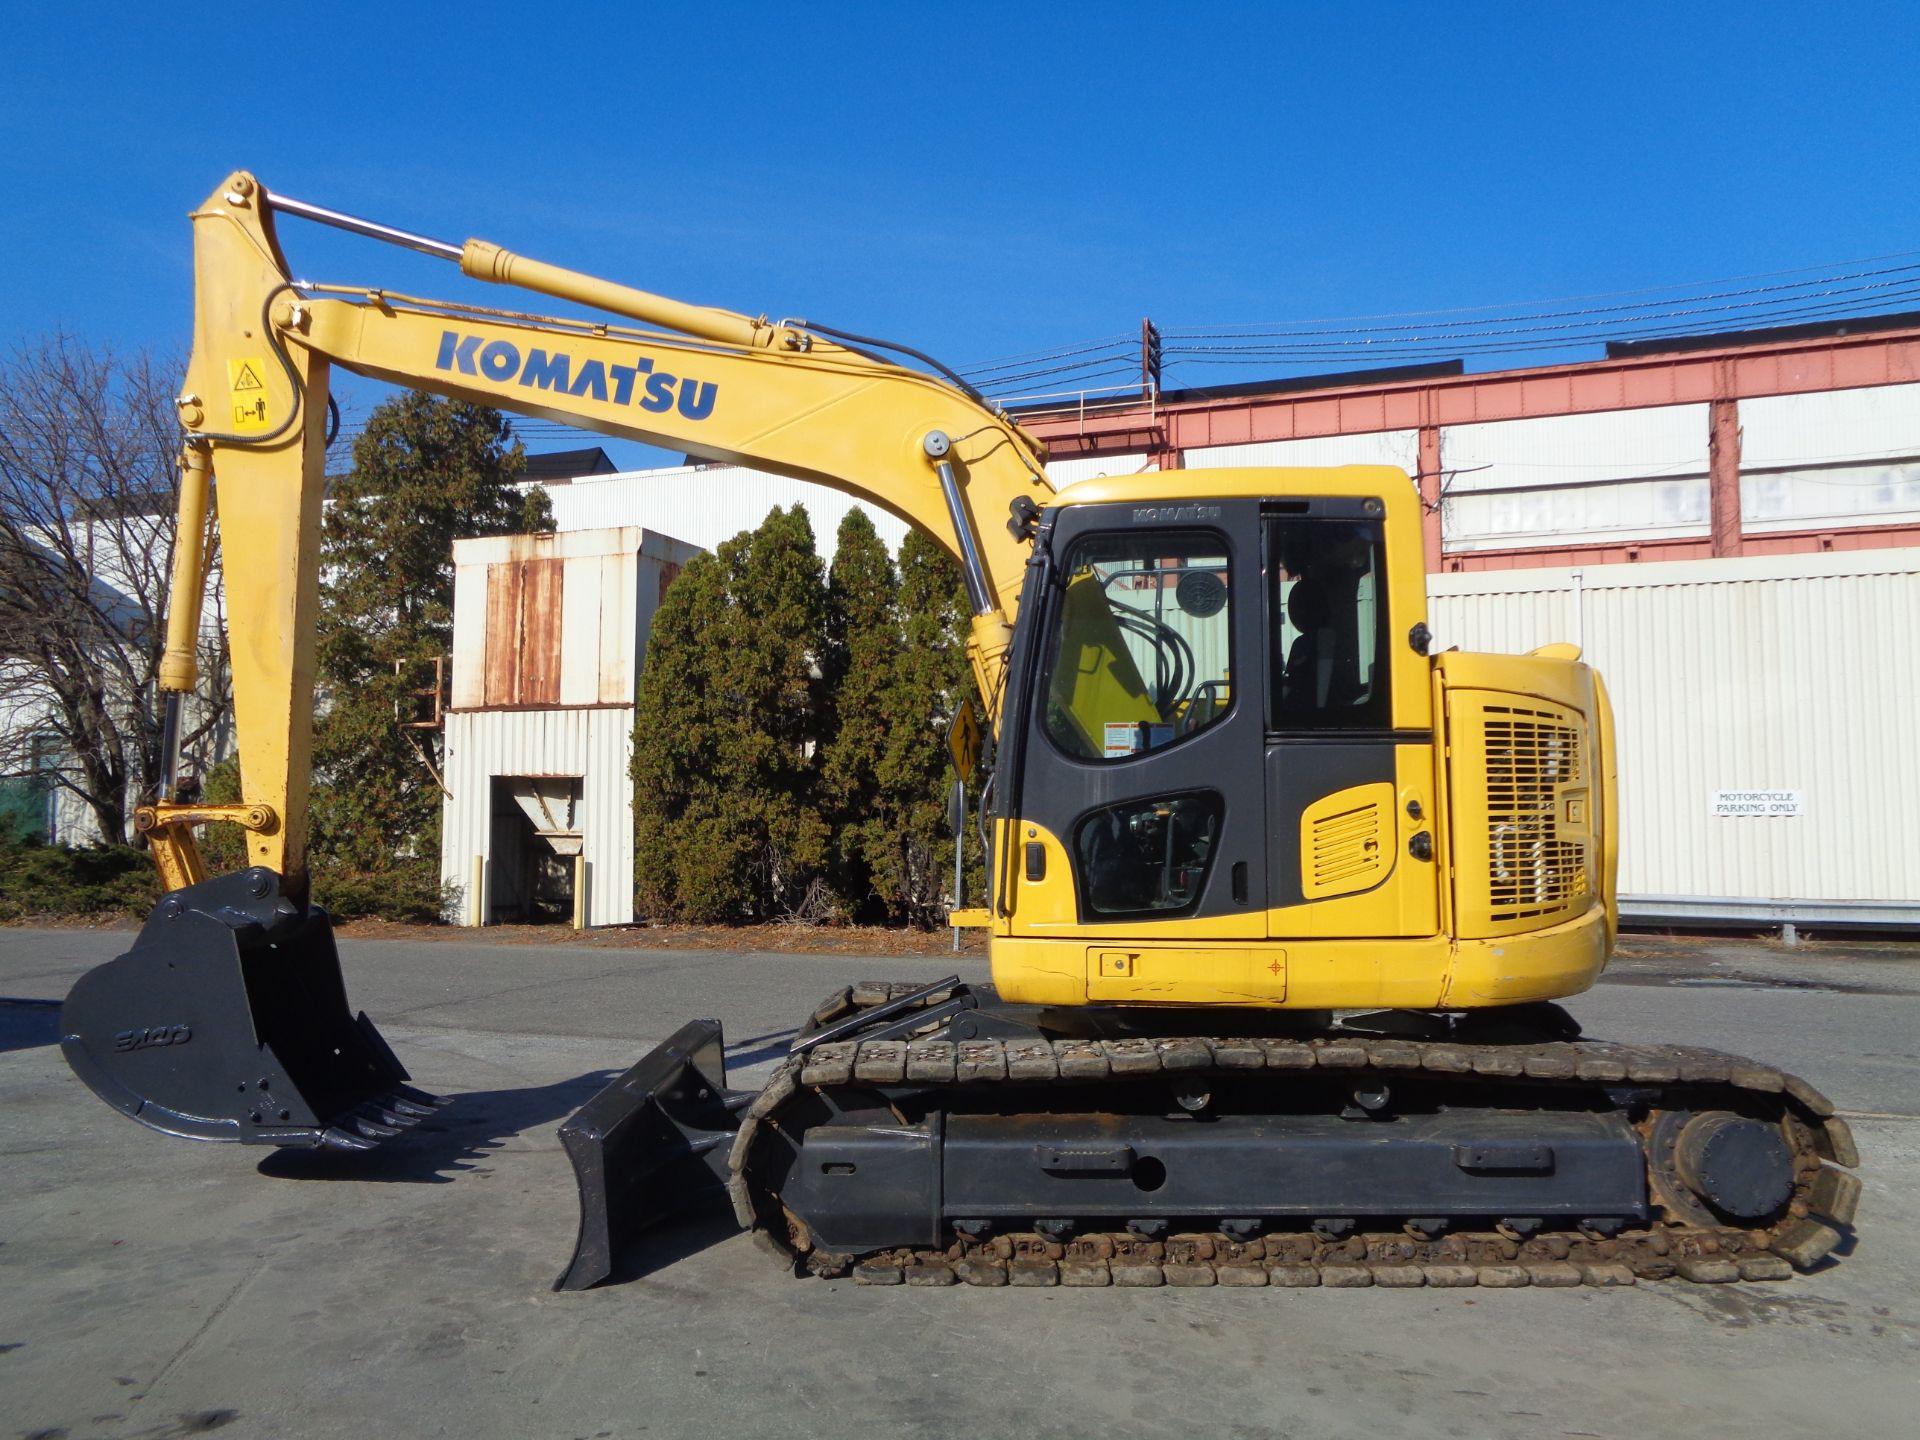 Lot 52 - 2015 Komatsu PC138USLC-10 Hydraulic Excavator